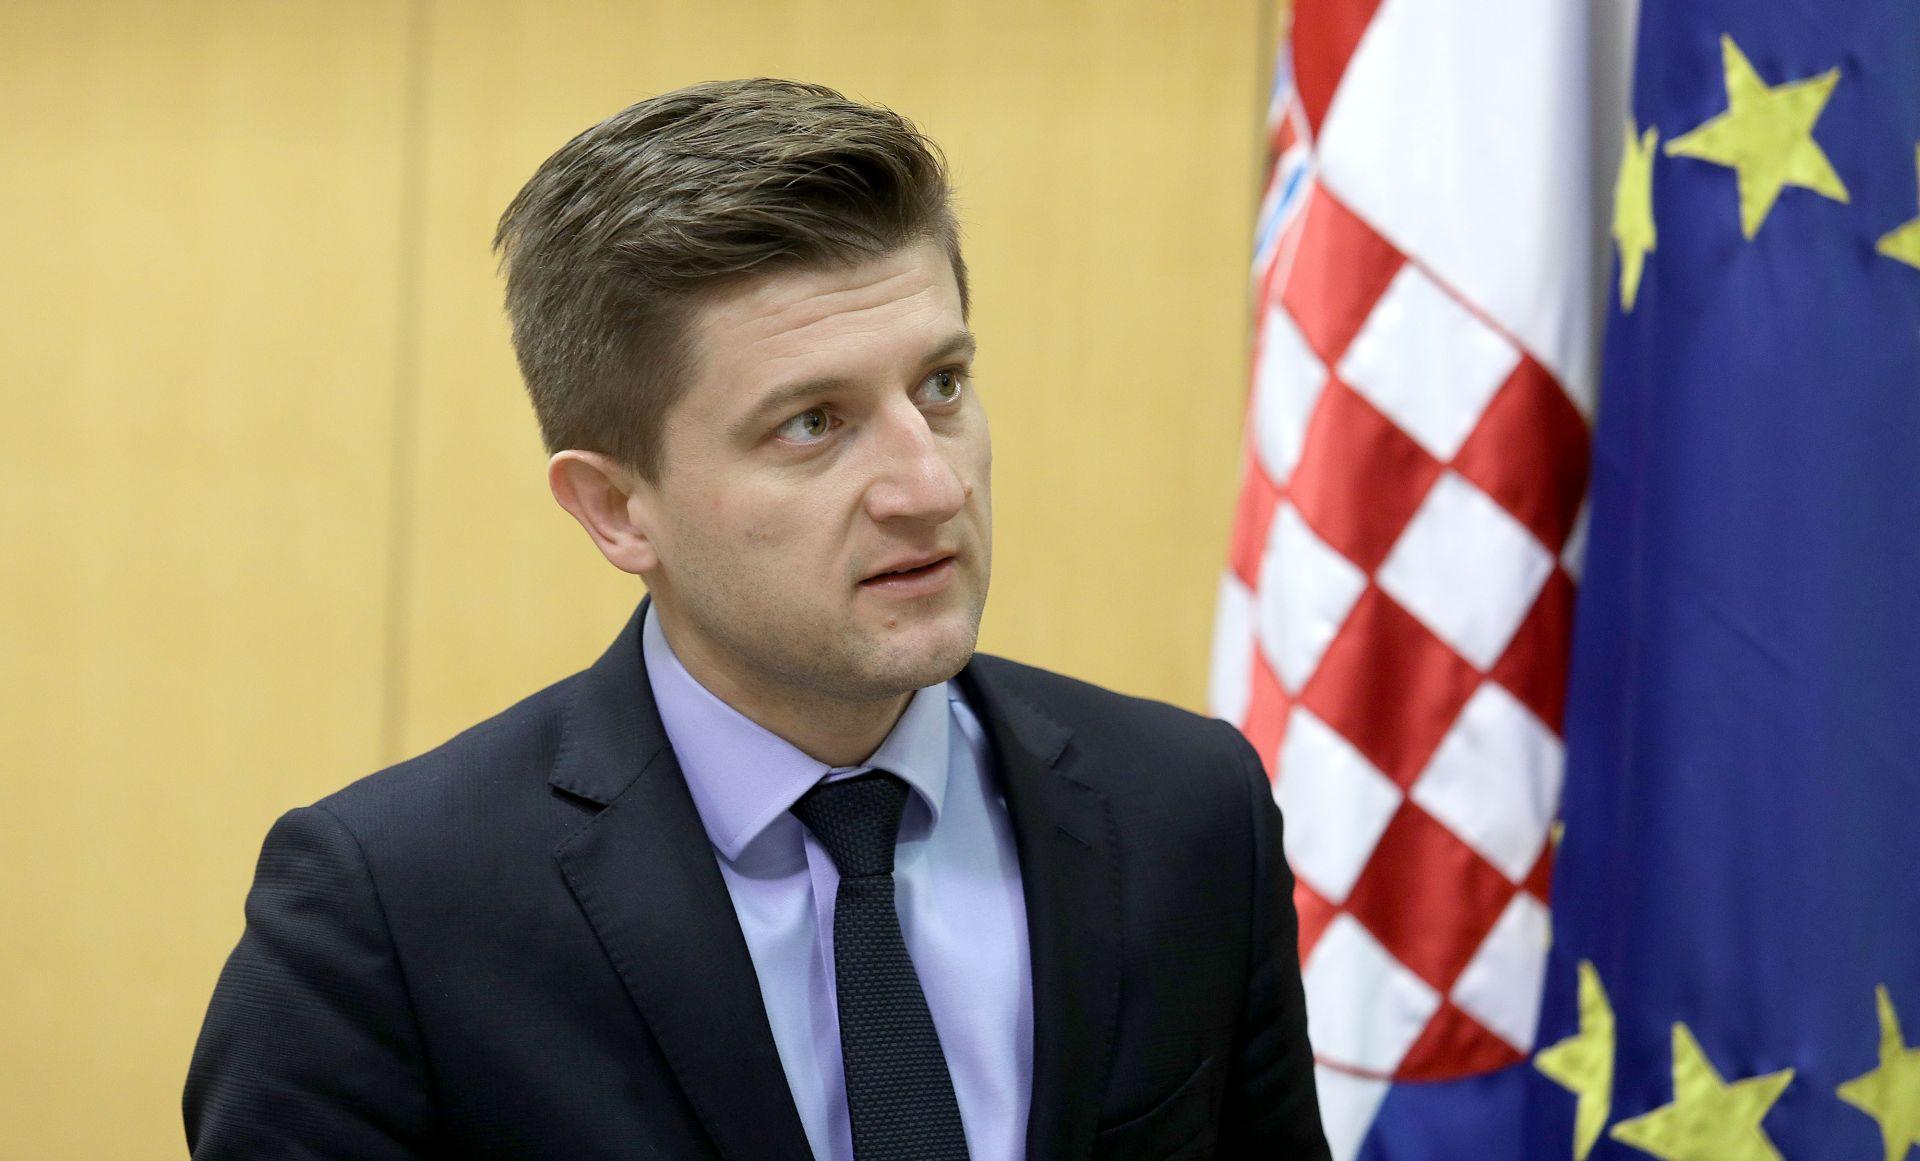 ZDRAVKO MARIĆ 'Prijedlog proračuna odmah u Sabor da se izglasa do ustavnog roka'